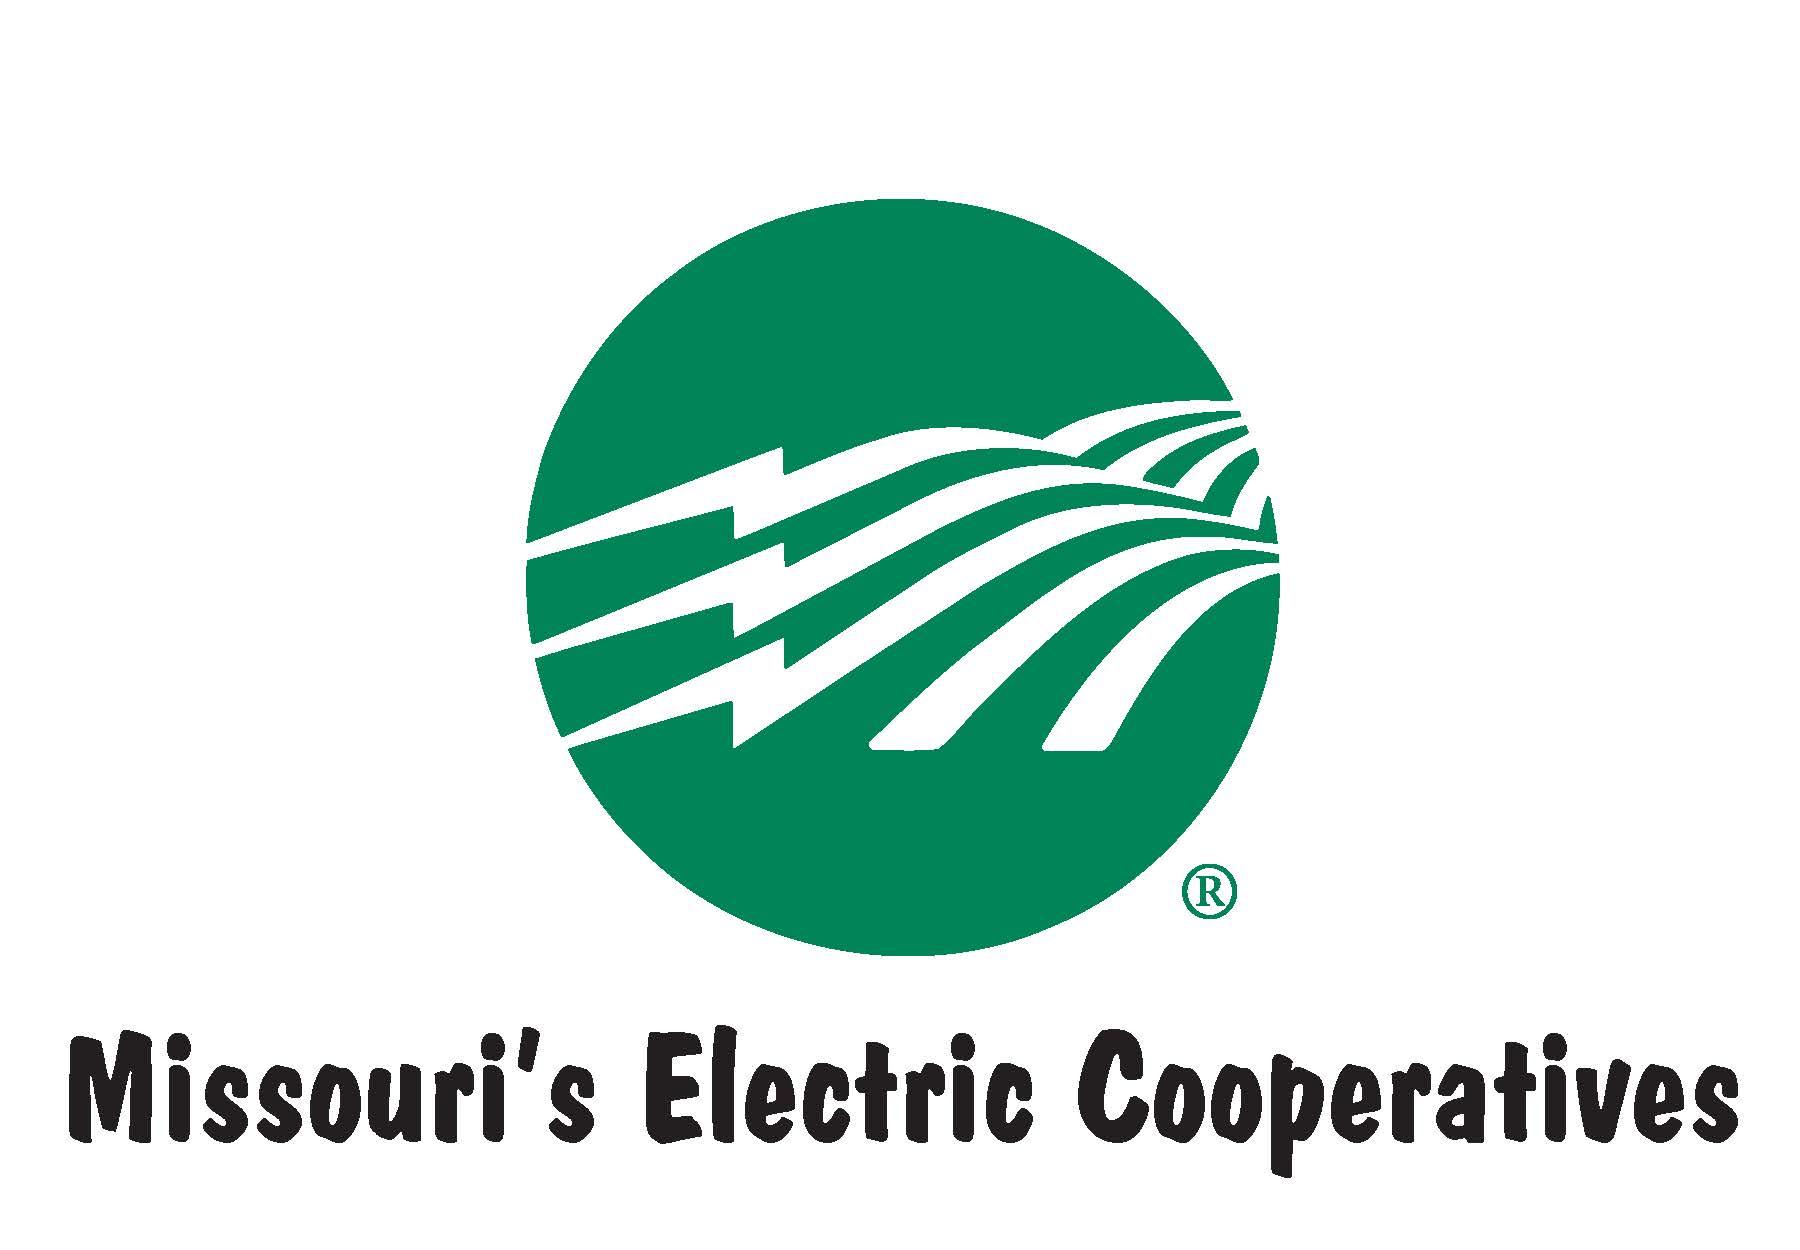 MO'SMO ELEC COOPS under logo - BLK348